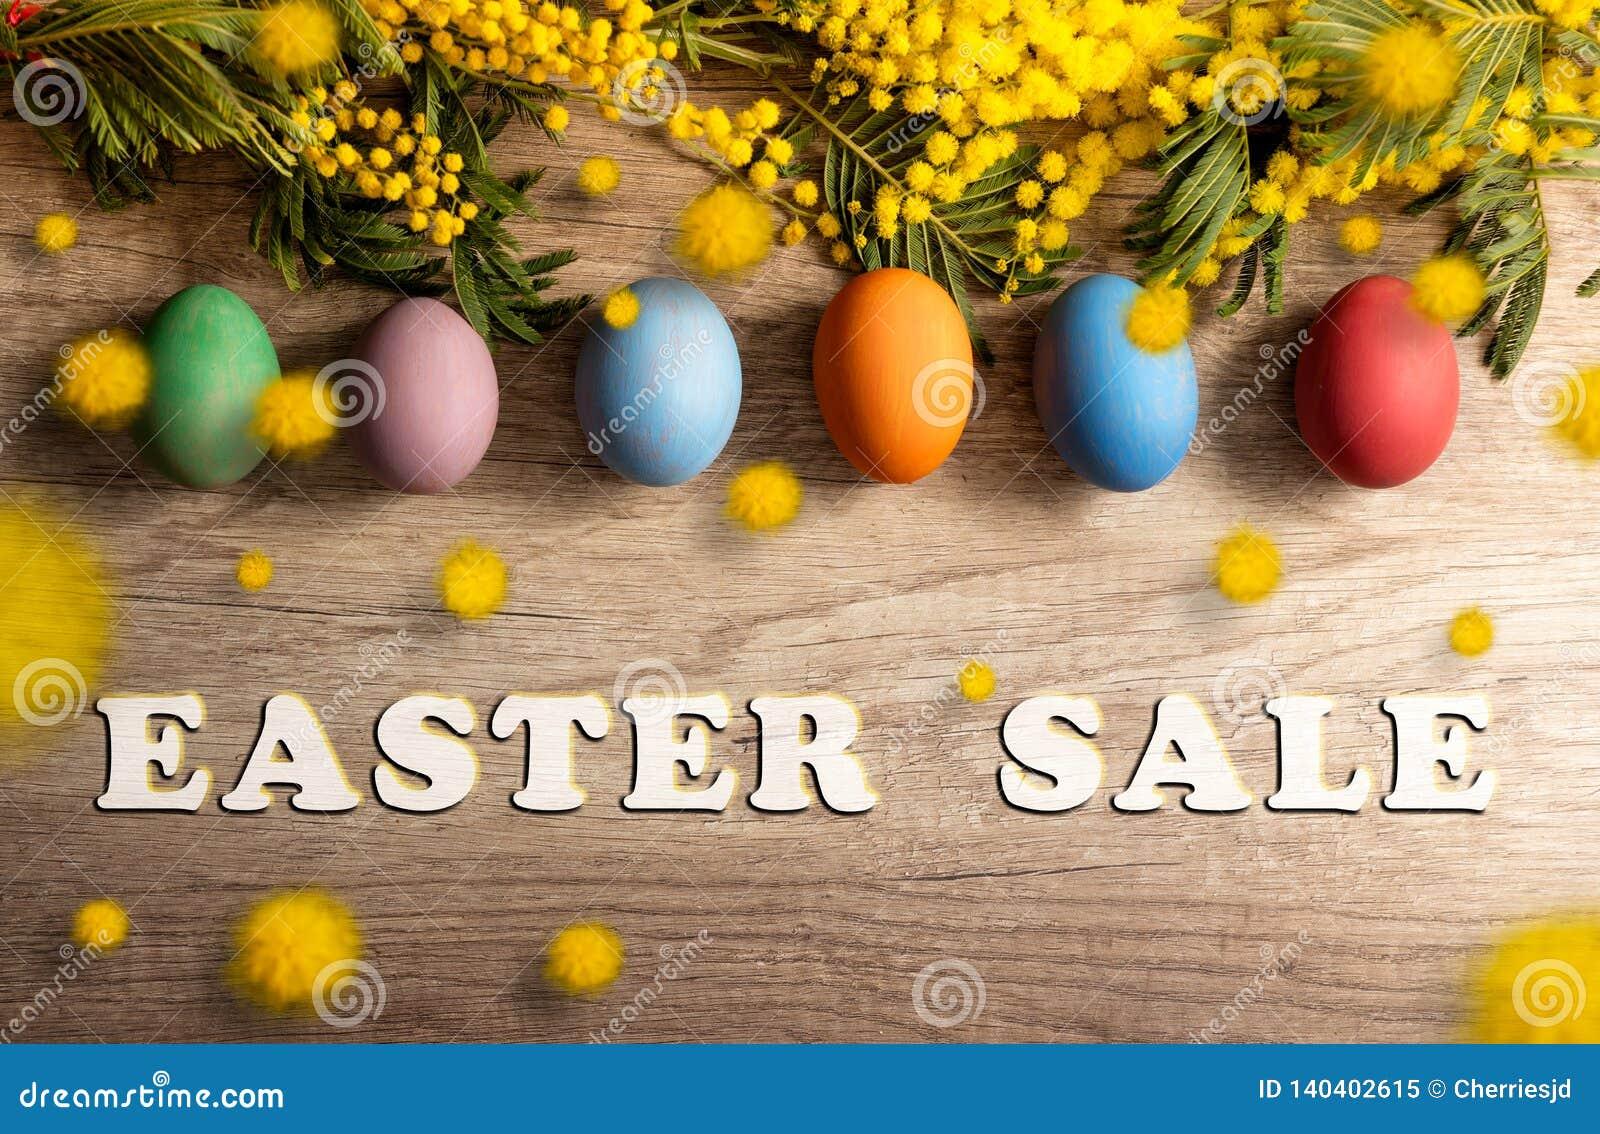 Wielkanocny sprzedaż sztandar